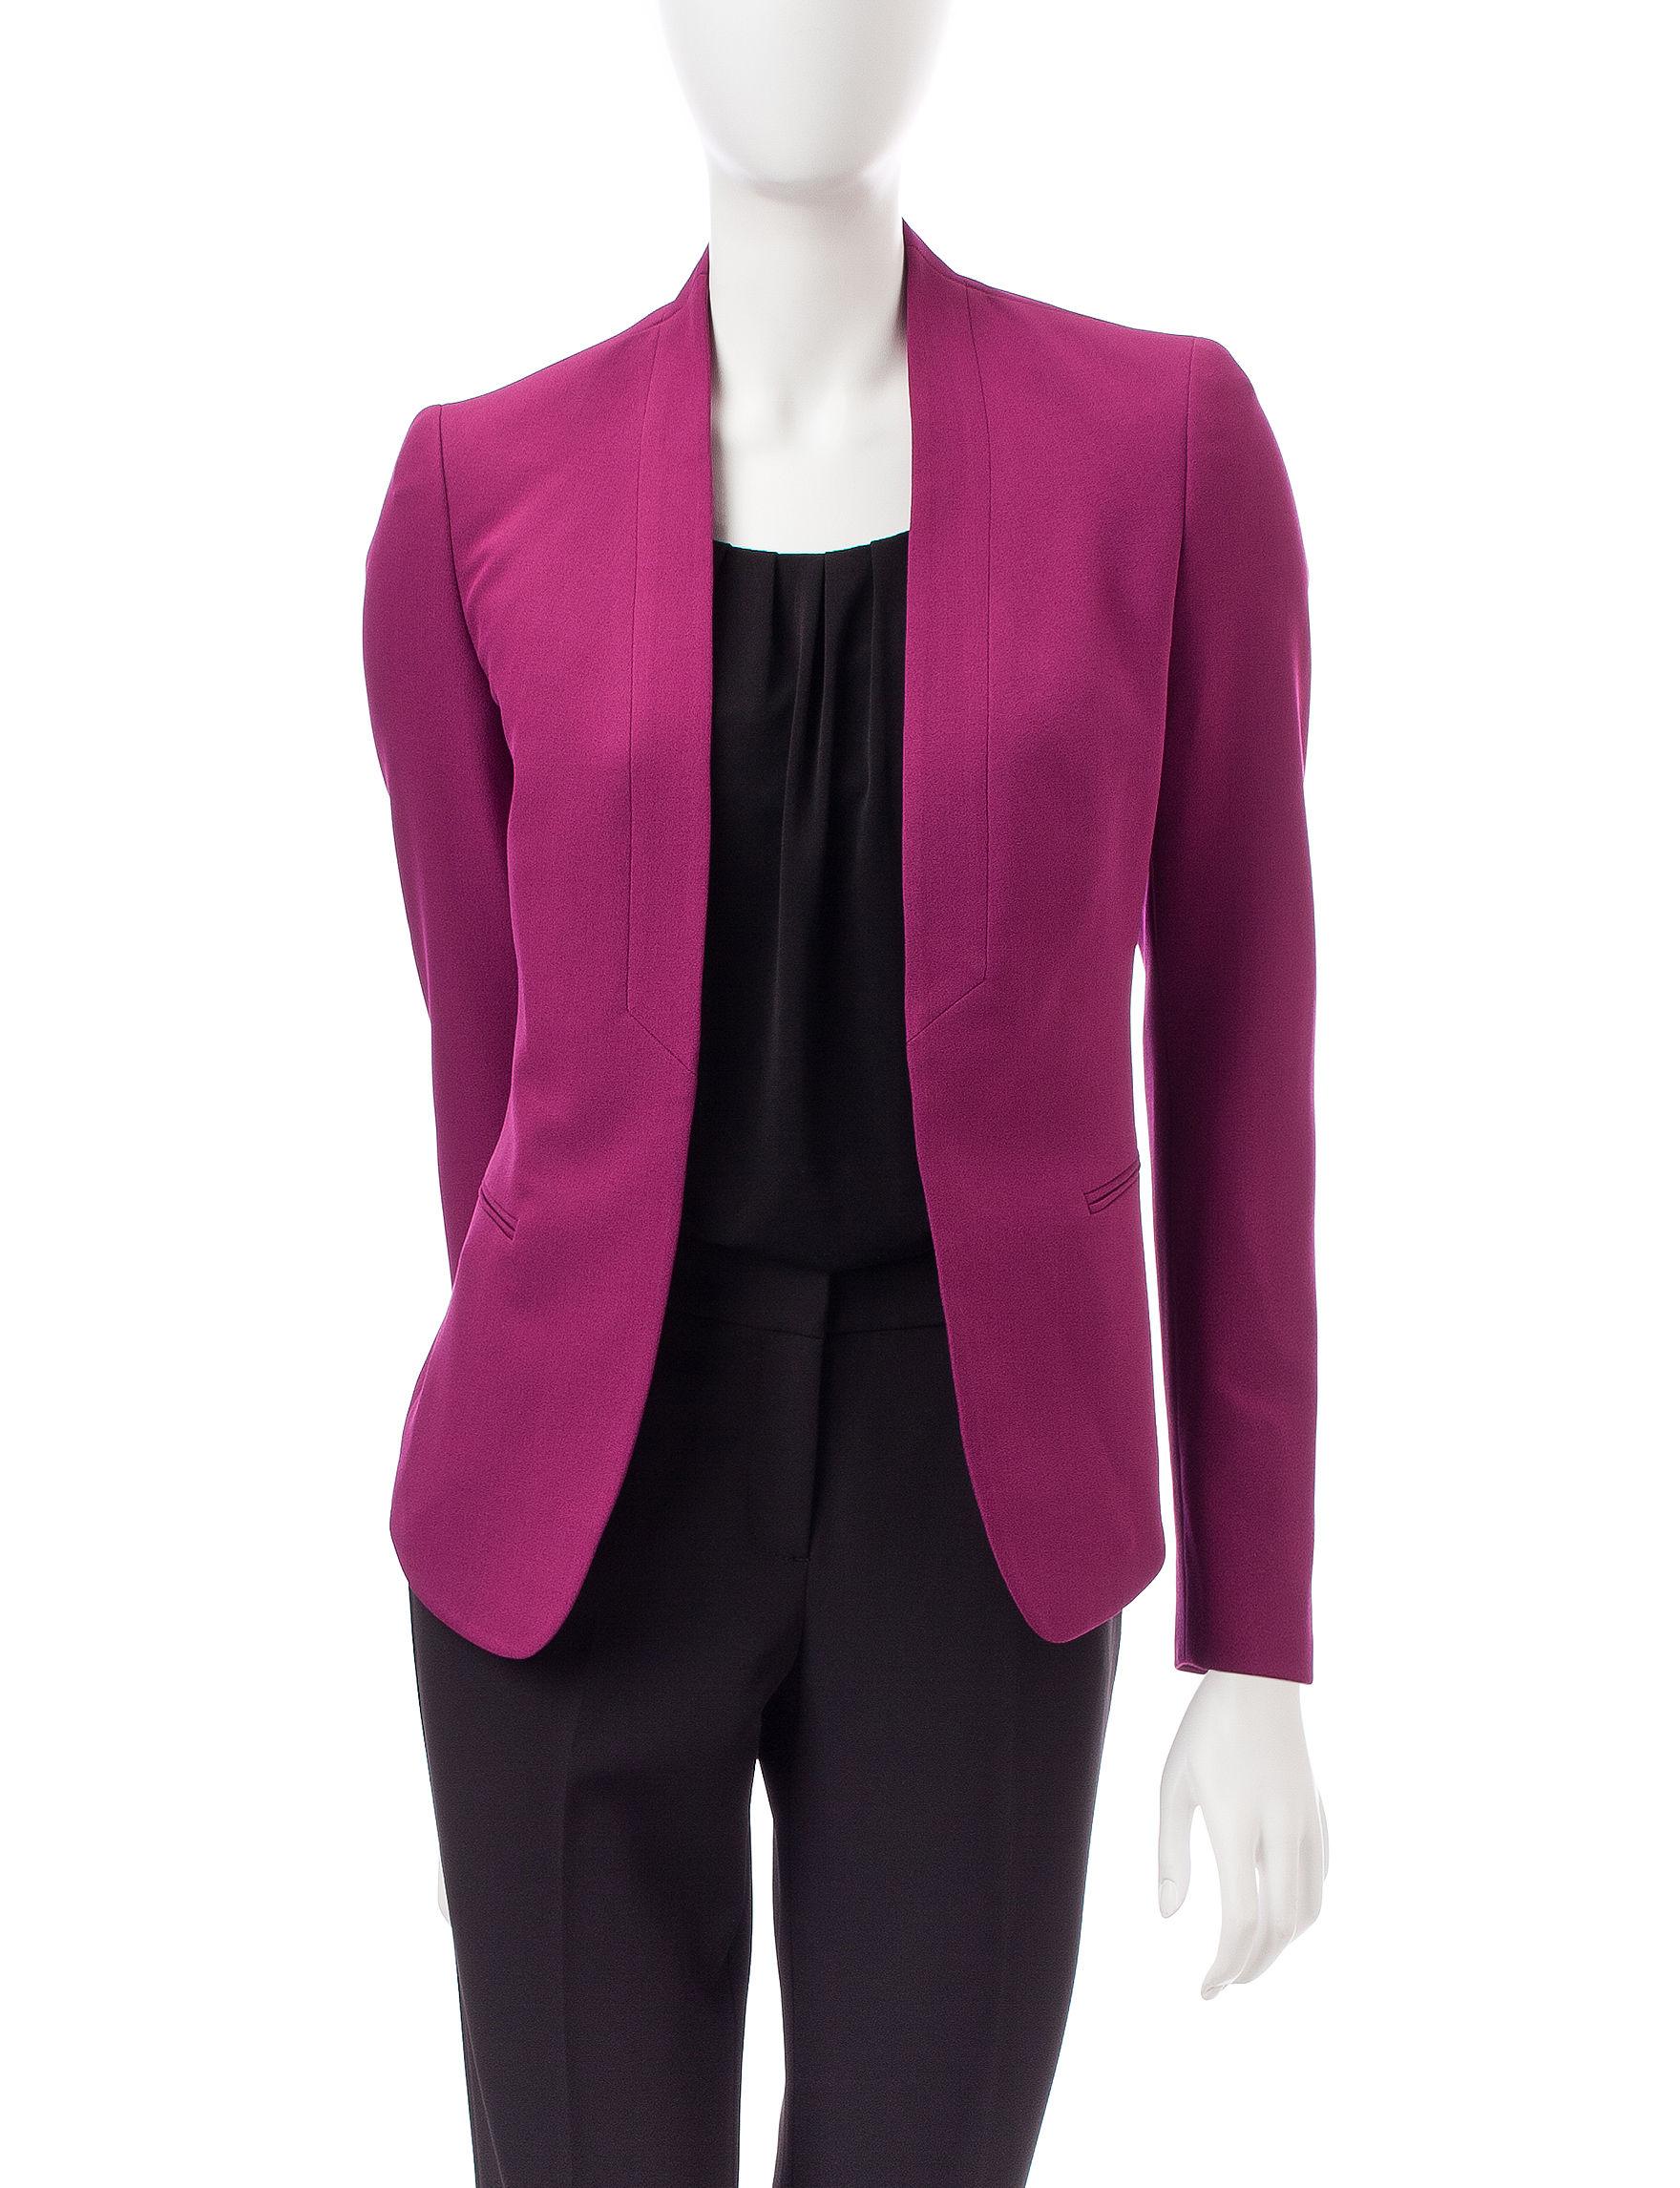 Anne Klein Pink Lightweight Jackets & Blazers